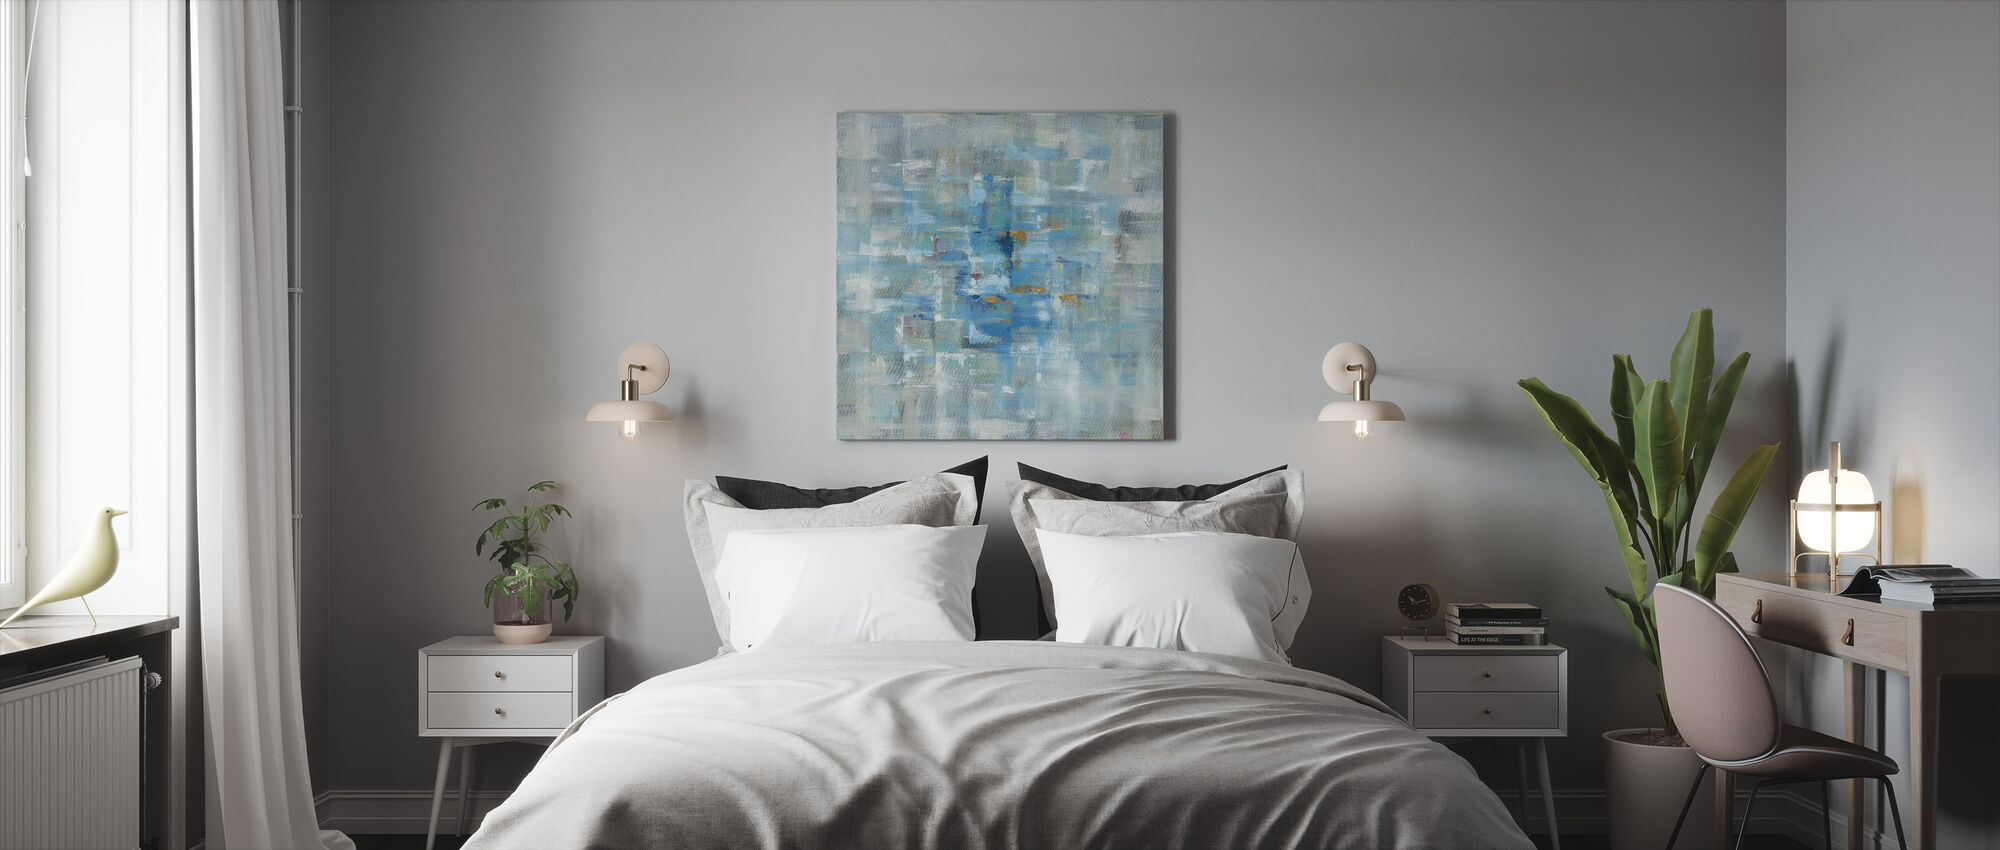 Abstrakti neliöt - Canvastaulu - Makuuhuone